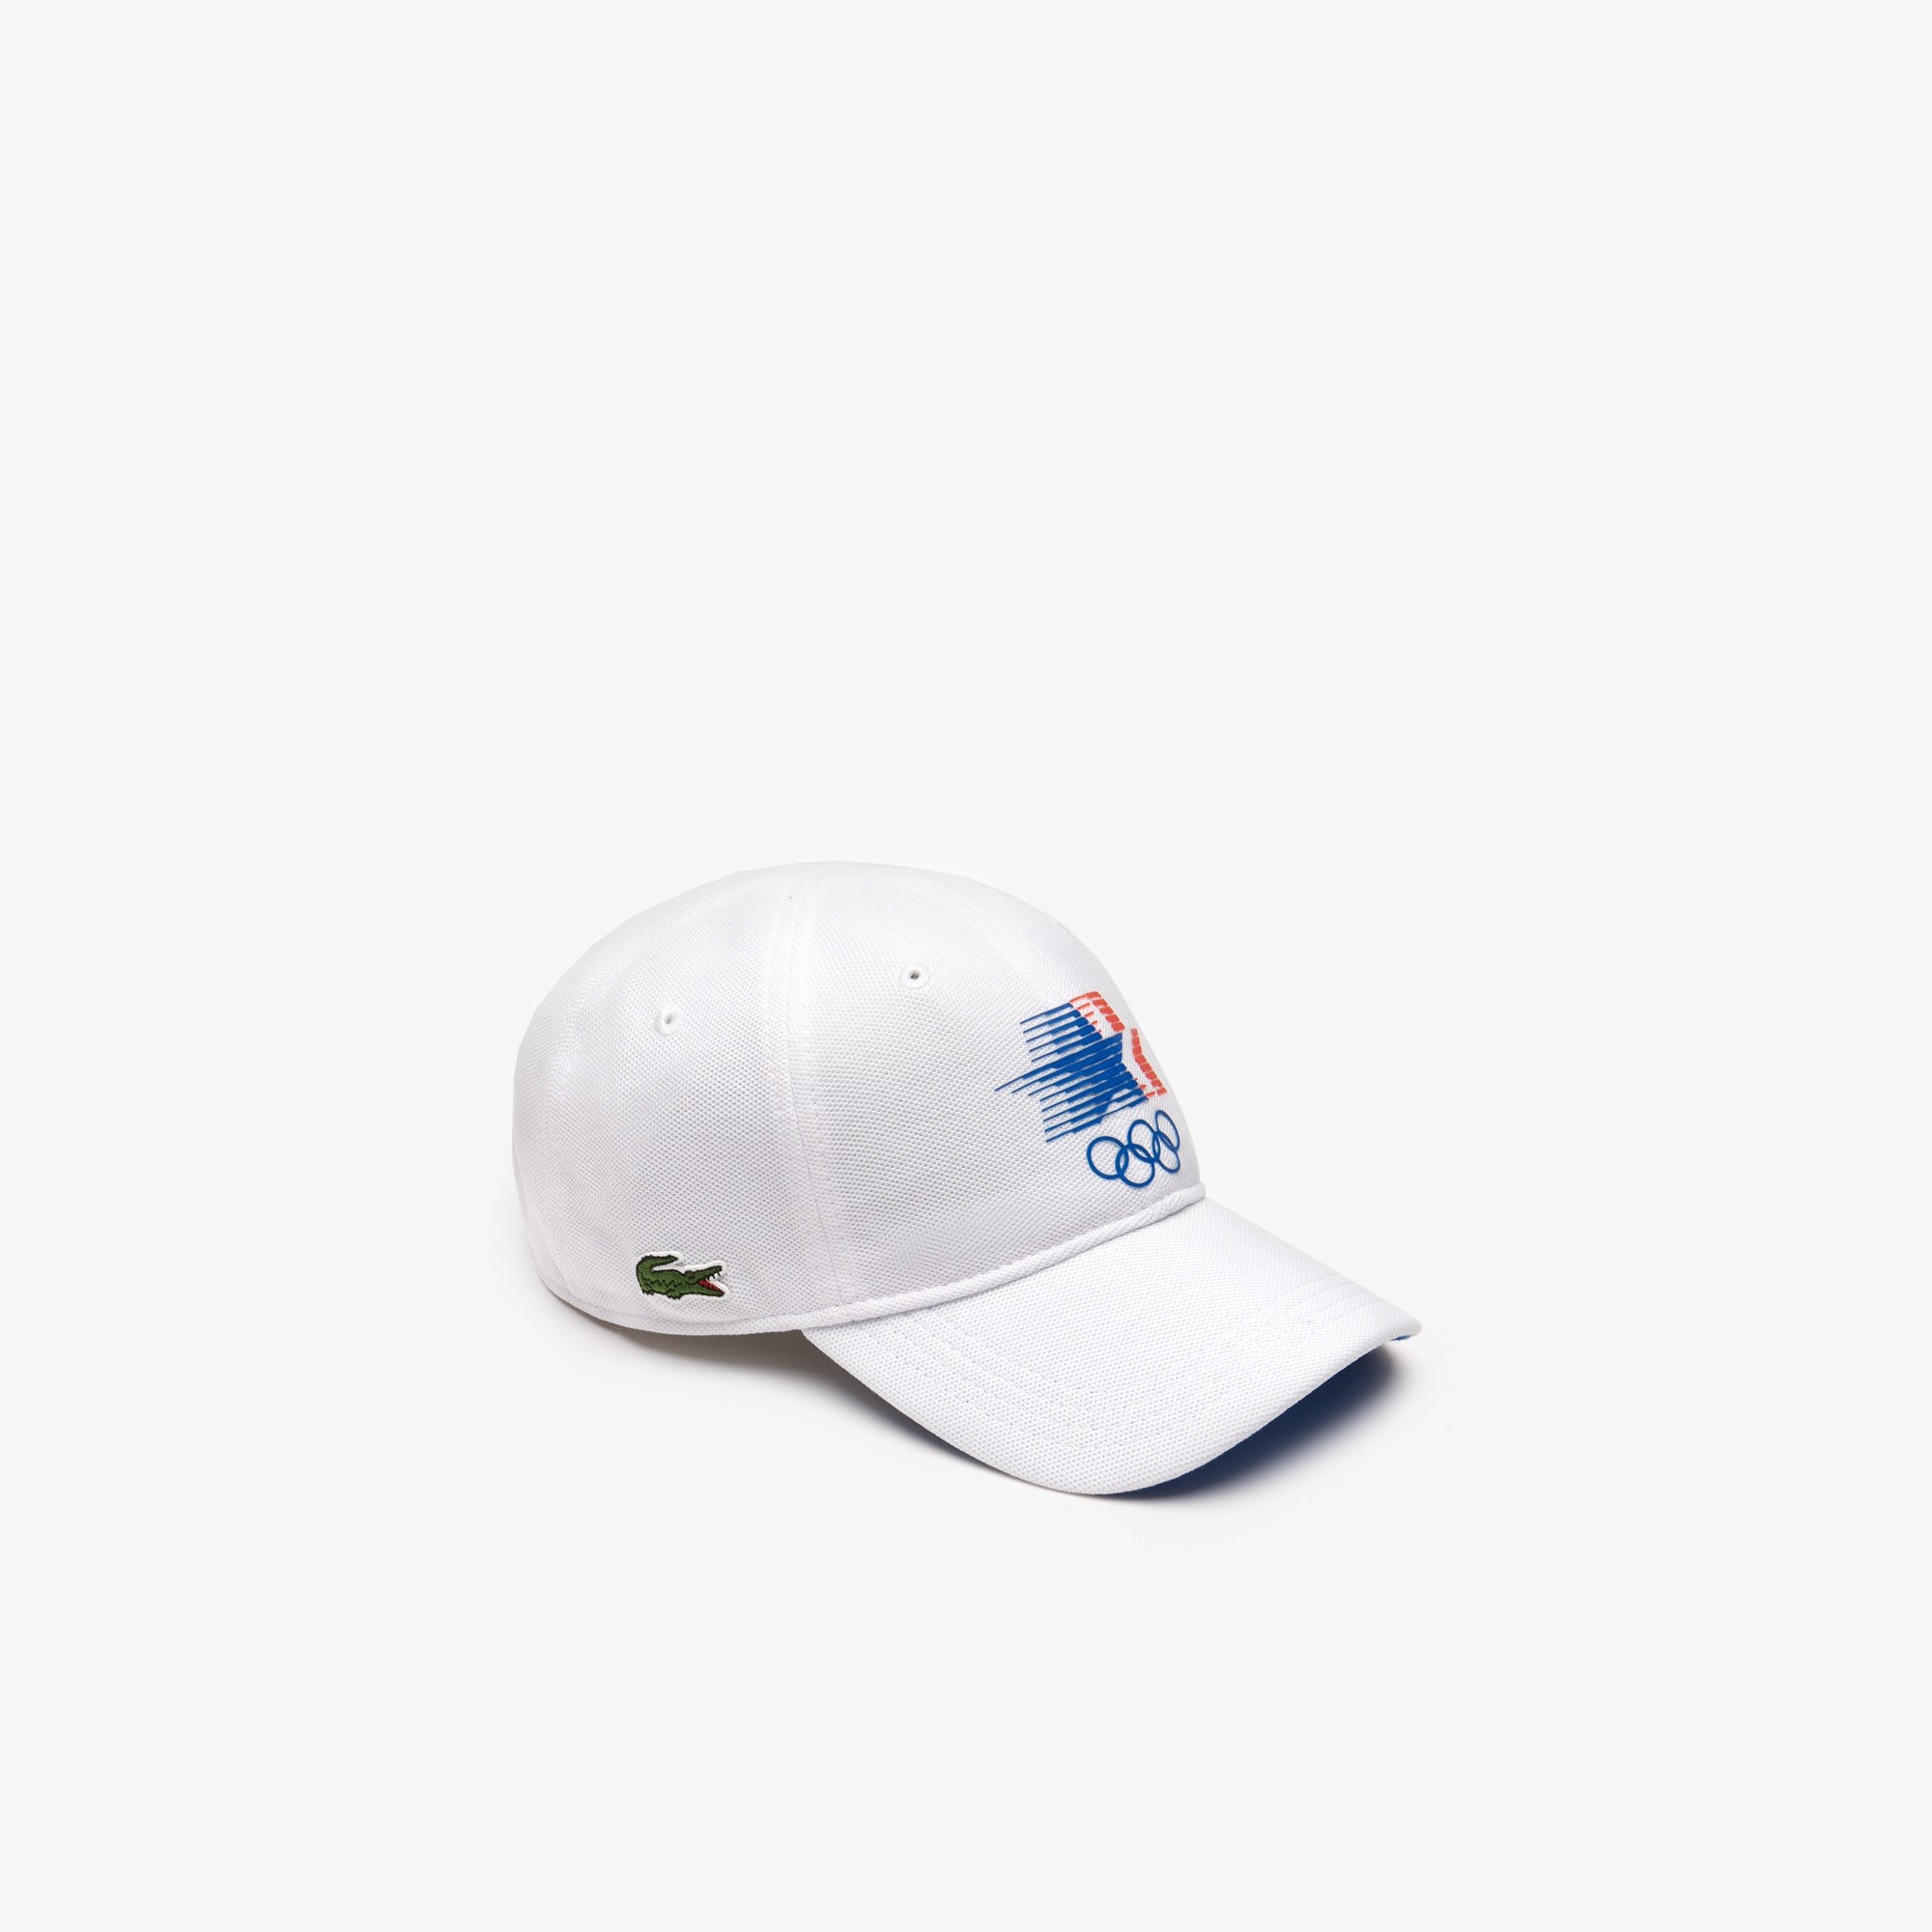 f5029f2ac1 Chapeaux & Casquettes | Accessoires Homme | LACOSTE